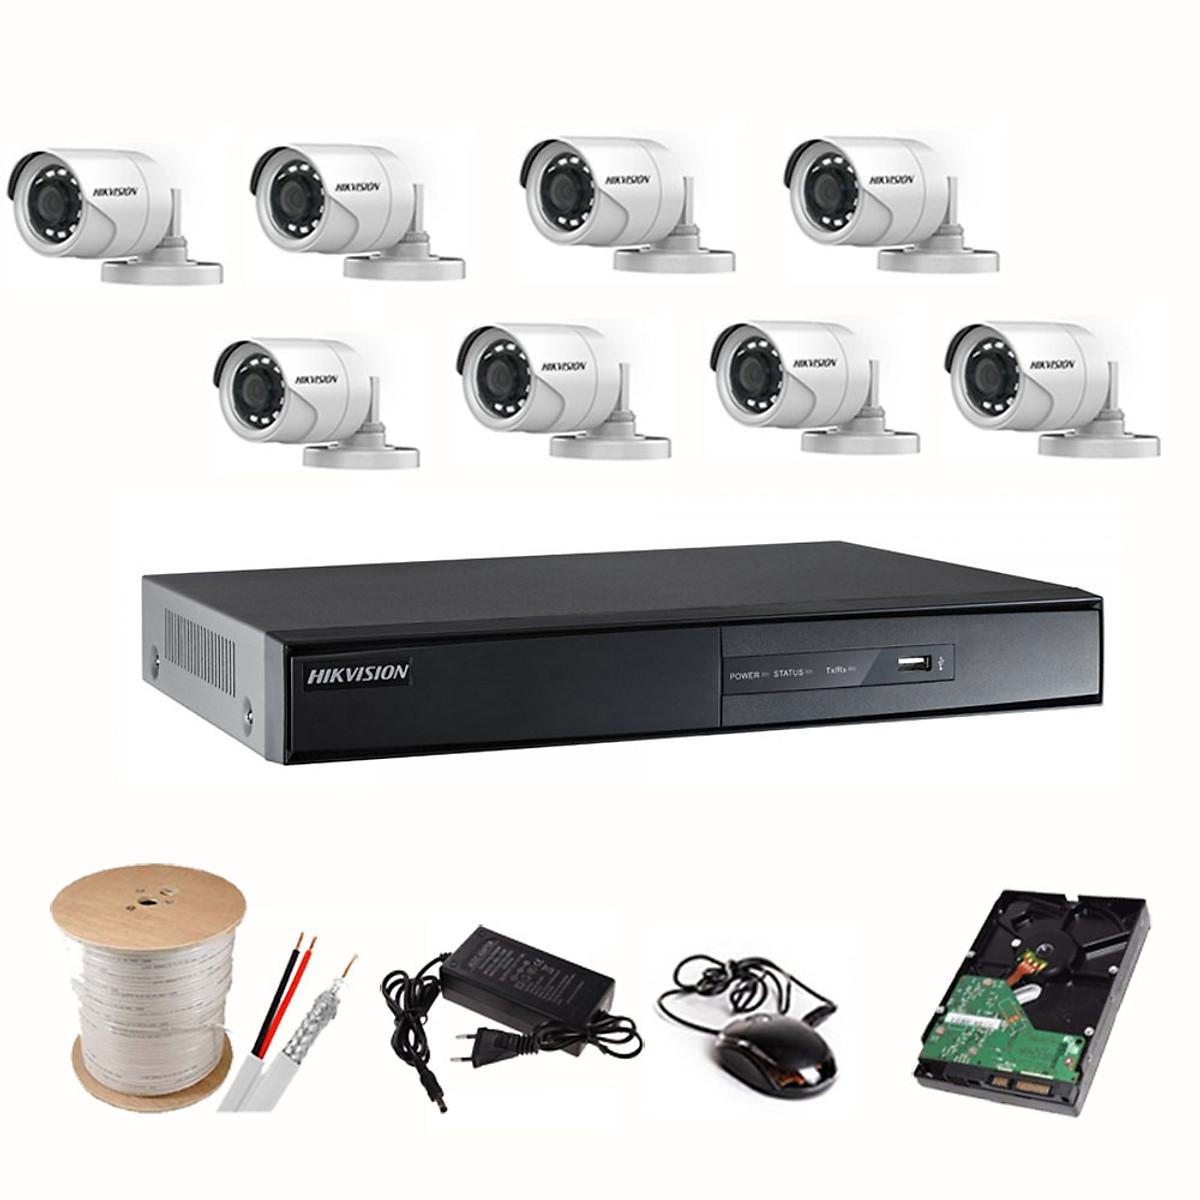 Bộ Camera Quan Sát HIKVISION 8 Kênh 2.0MP FHD 1080P – Trọn bộ 8 mắt 2.0MPX – Đủ Phụ Kiện Lắp Đặt ( HDD1TB ) – Hàng Chính hãng